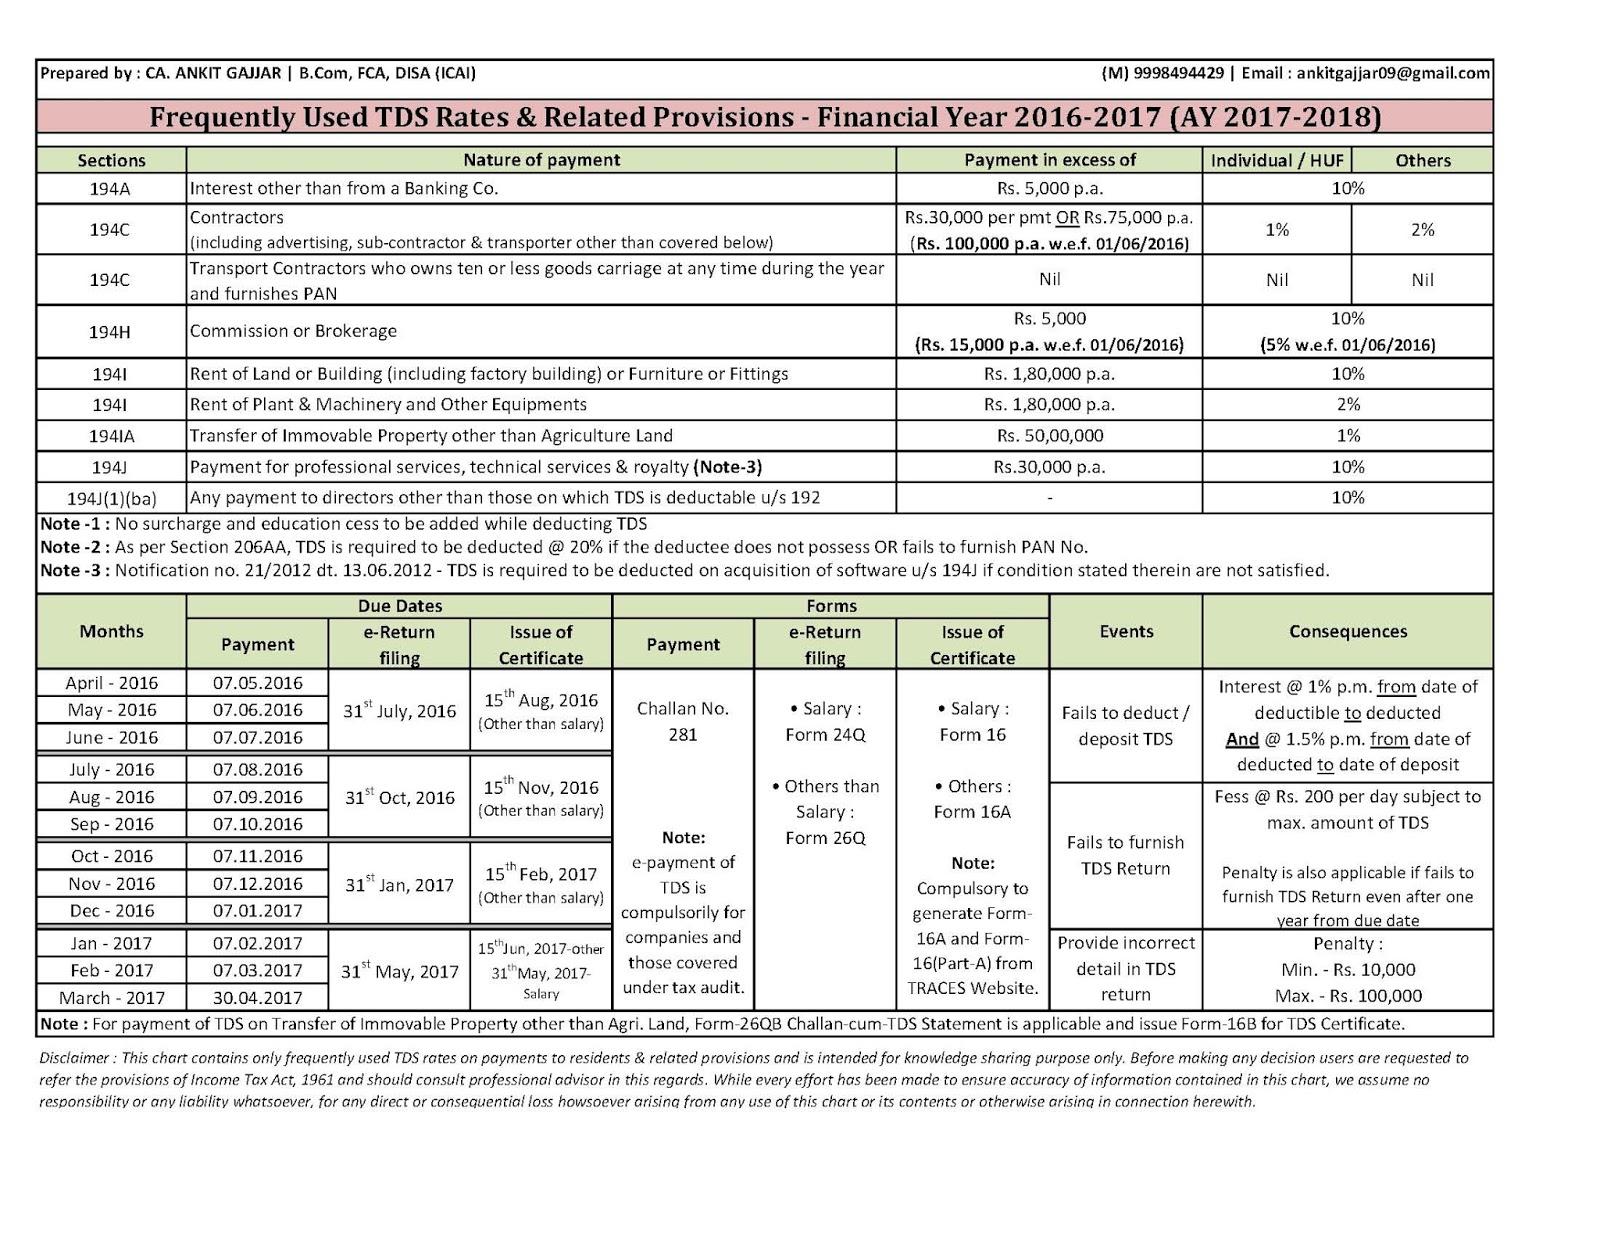 service tax rcm chart fy 2015 16: Ca ankit gajjar